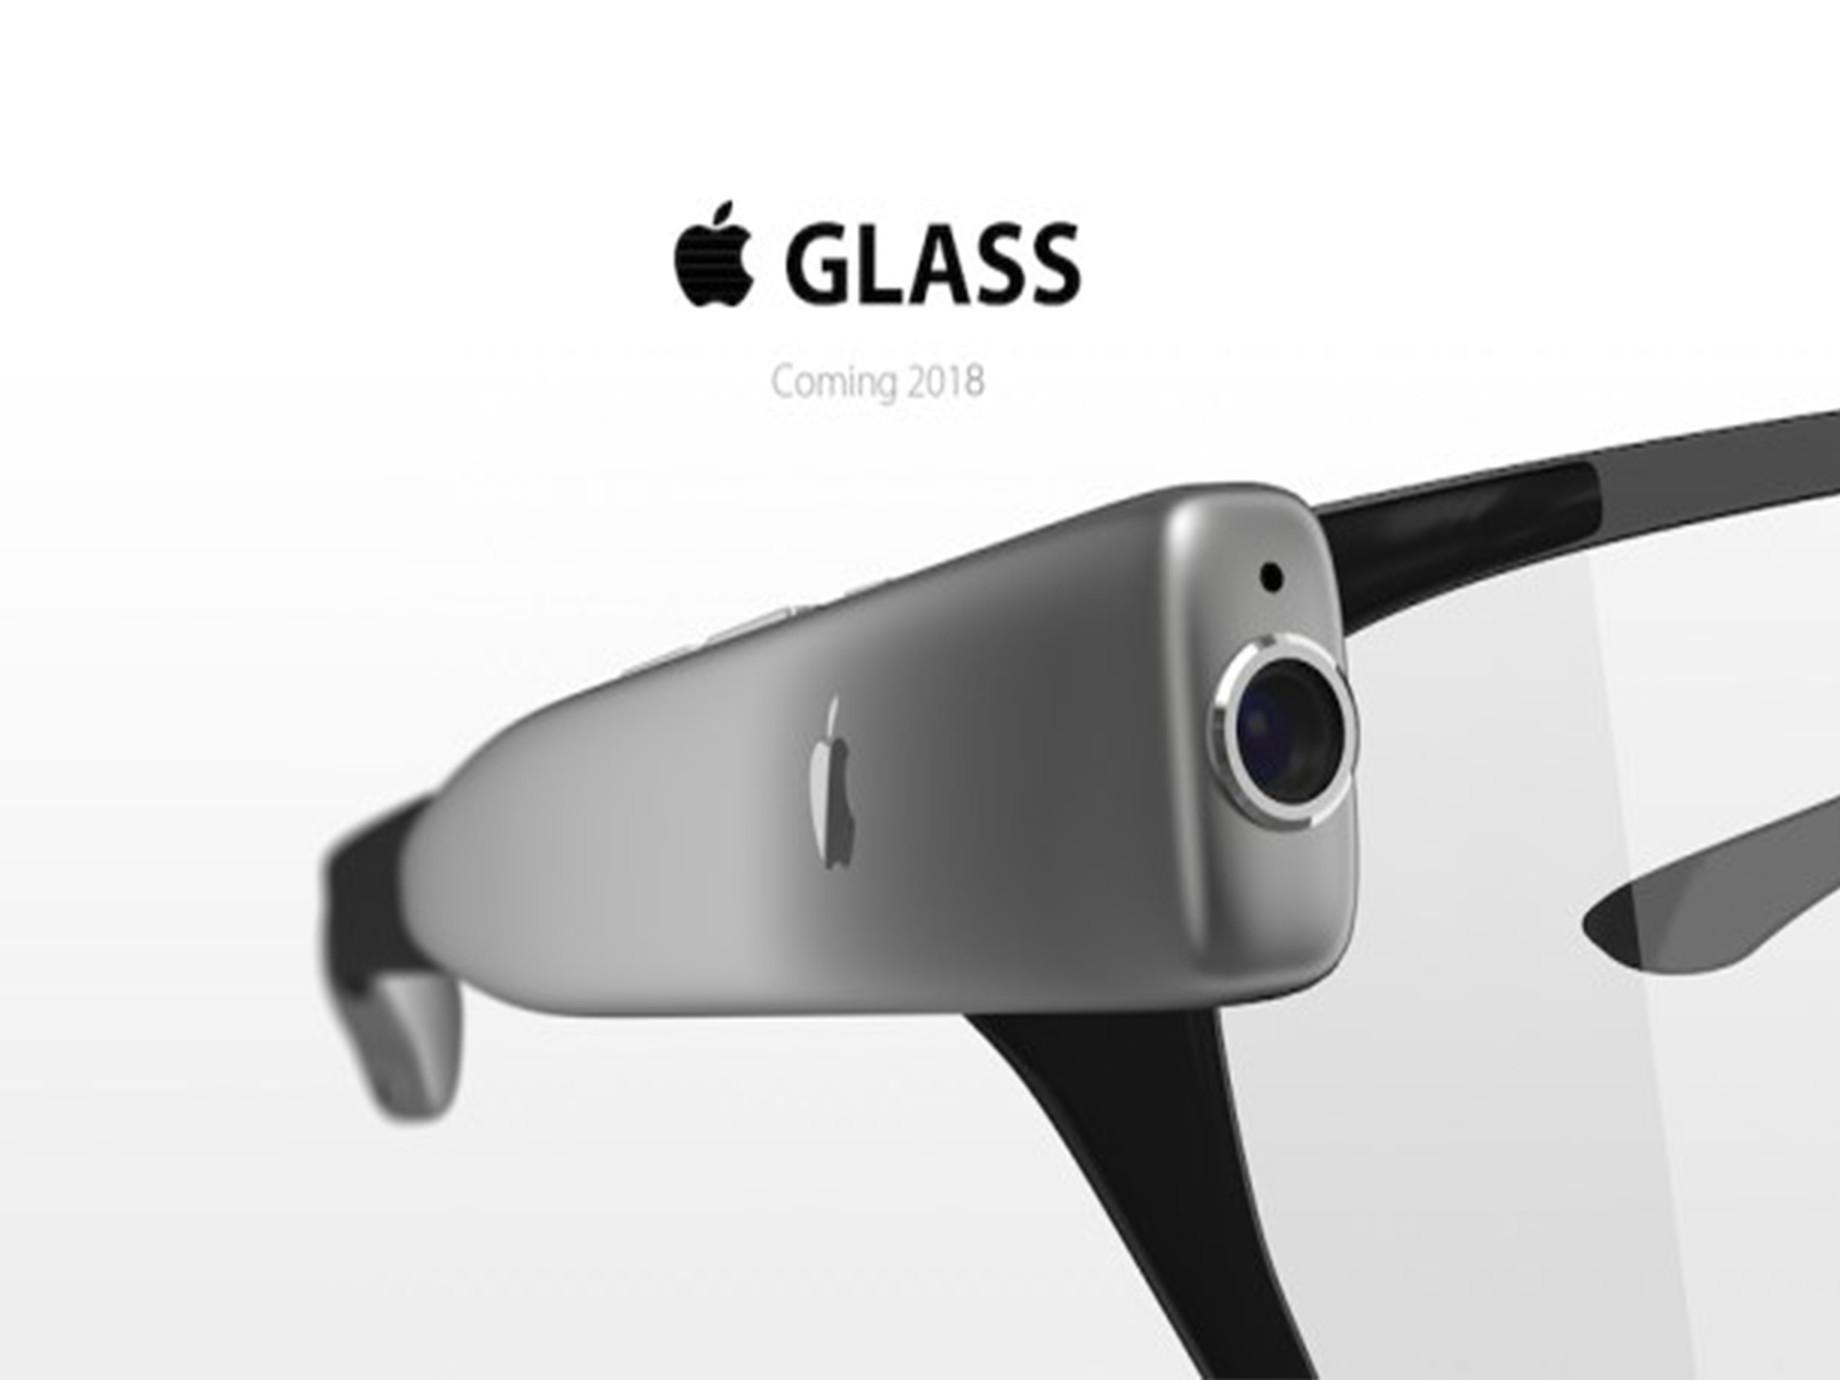 蘋果執行長庫克:「AR將會像智慧型手機般重要。」,2018 APPLE GLASS有望亮相